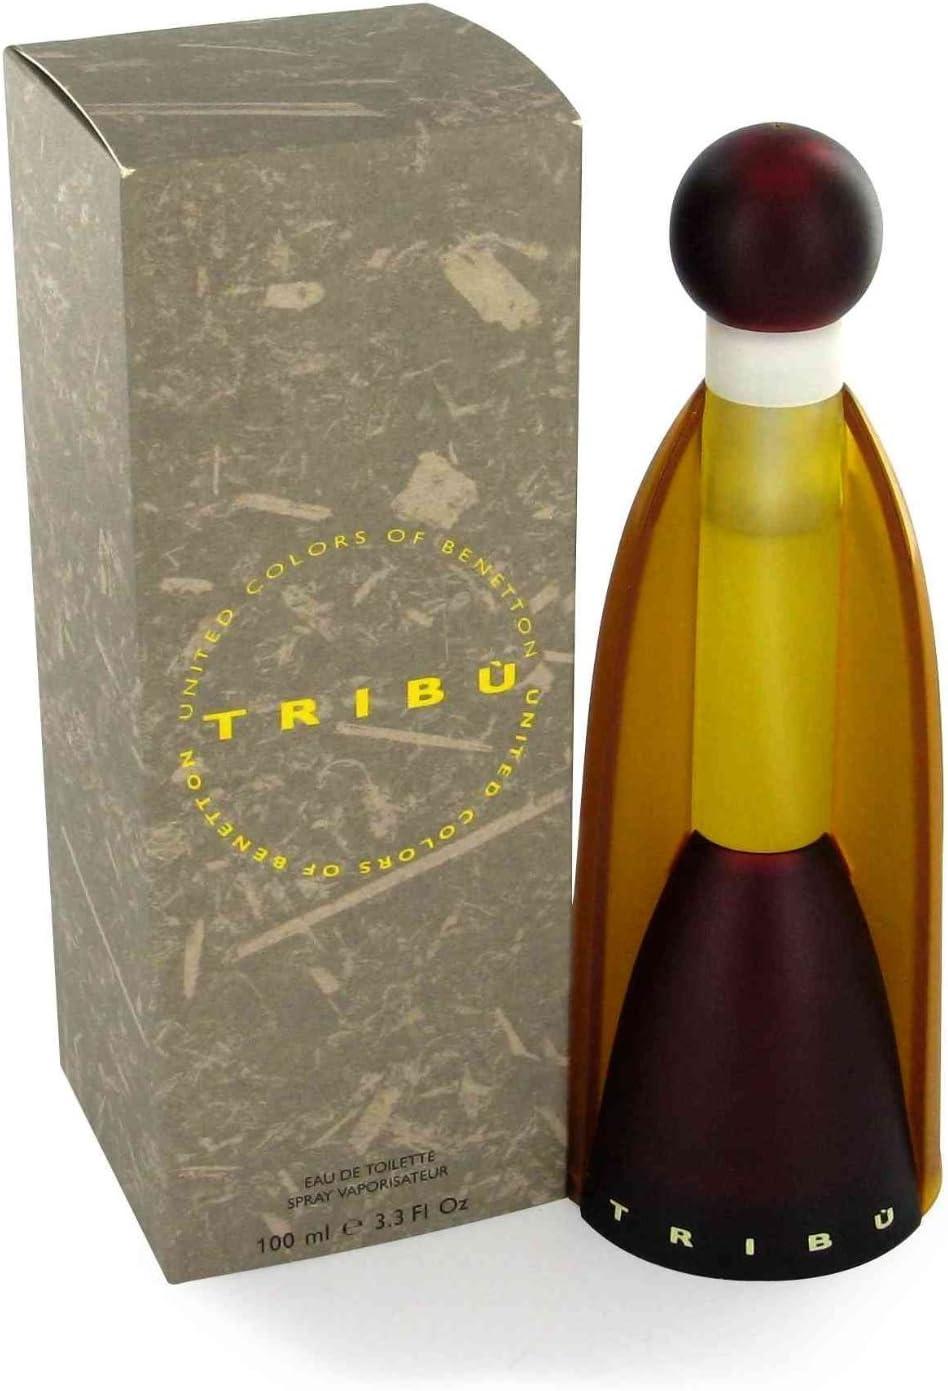 Tribu By Benetton Edt Spray 3.3 Oz for Women by Tribu